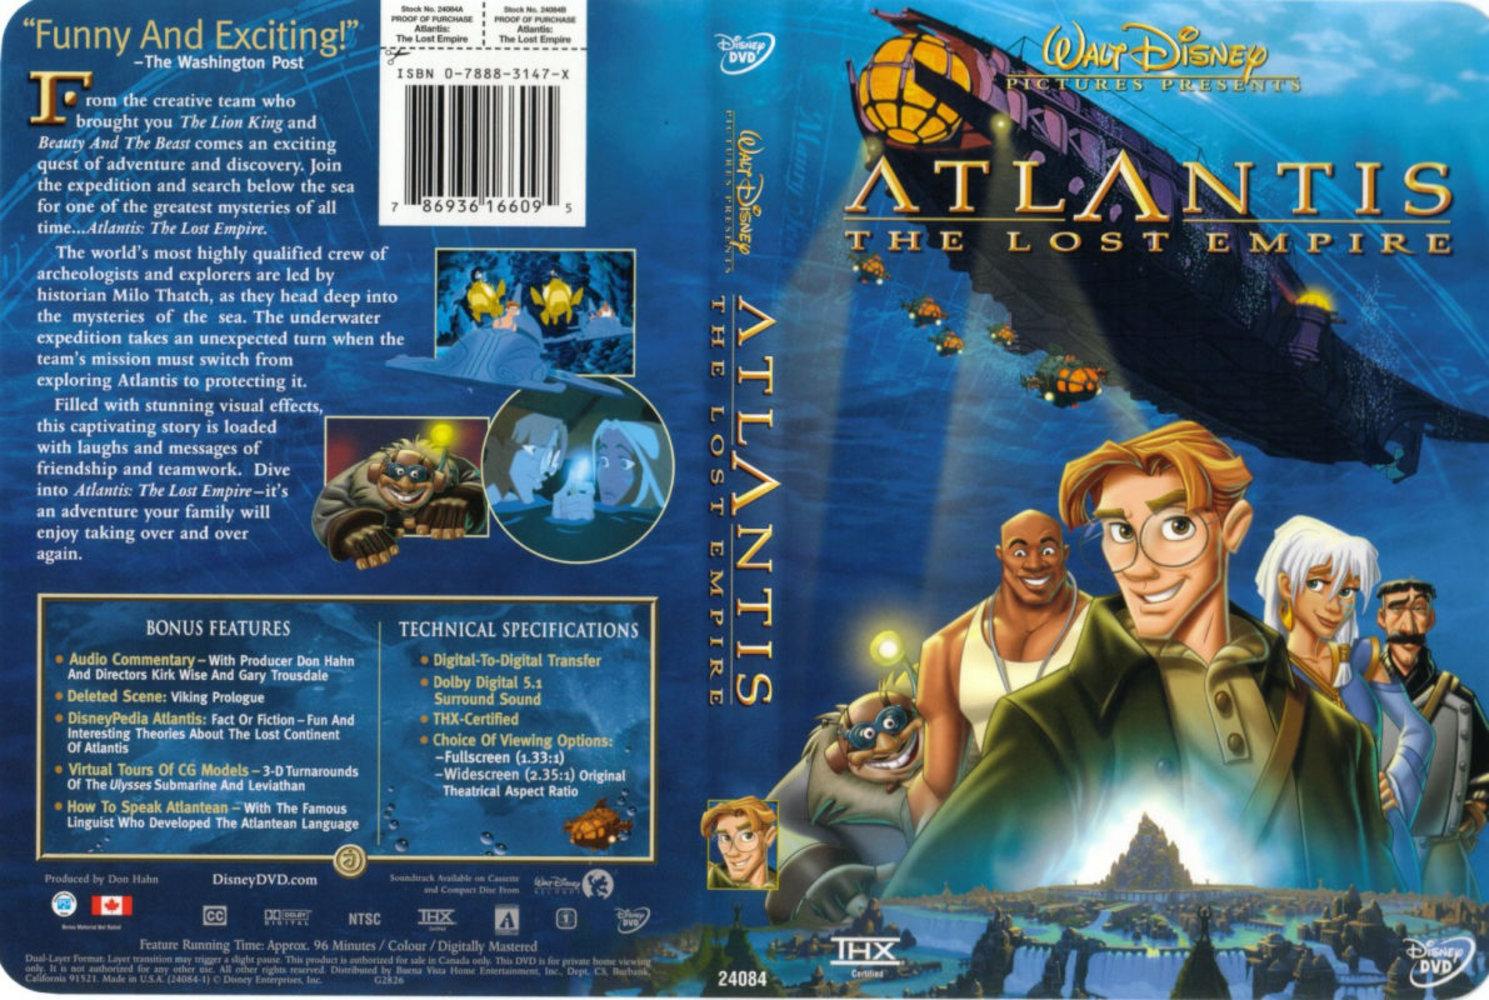 http://2.bp.blogspot.com/_dF6BMd9_fF8/TSRY2rLYcyI/AAAAAAAAAY8/eZfoVJnzERg/s1600/Atlantis%20The%20Lost%20Empire.jpg